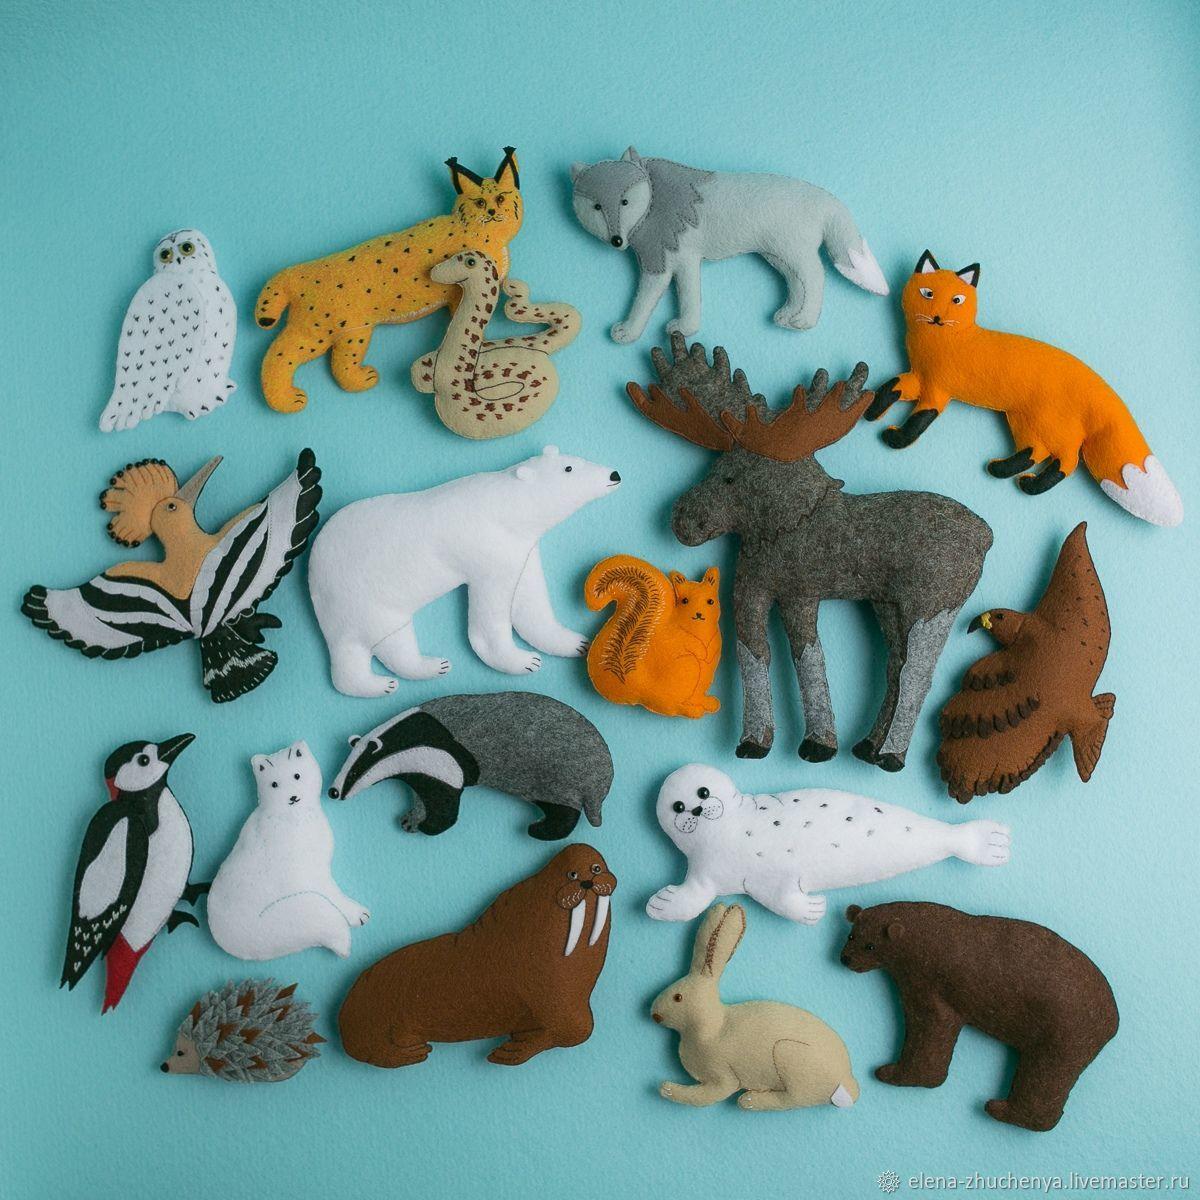 Игрушки: Животные России из фетра, Мягкие игрушки, Санкт-Петербург,  Фото №1